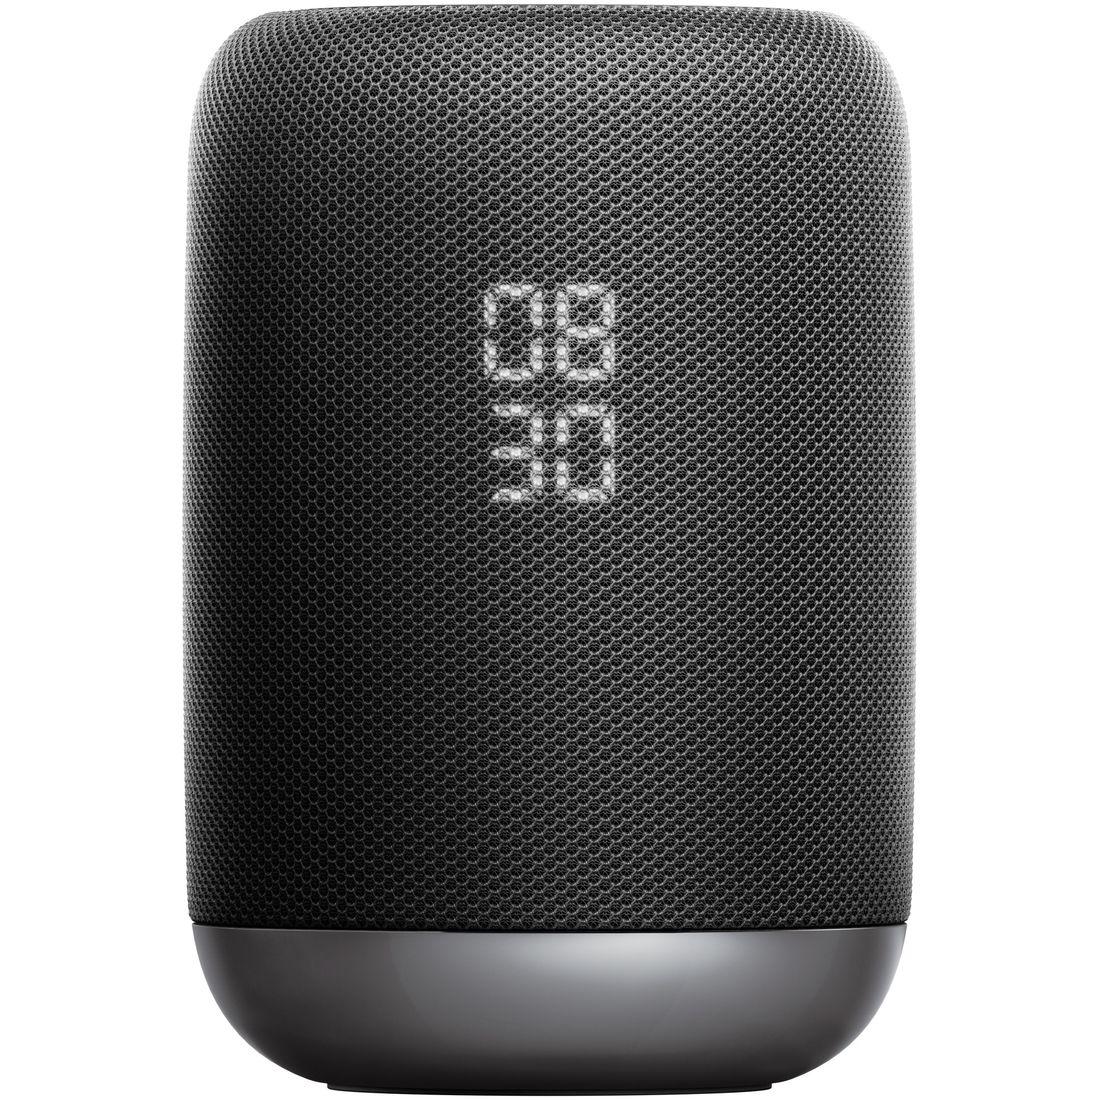 ソニー Google Assistant対応スマートスピーカー LF-S50G-B